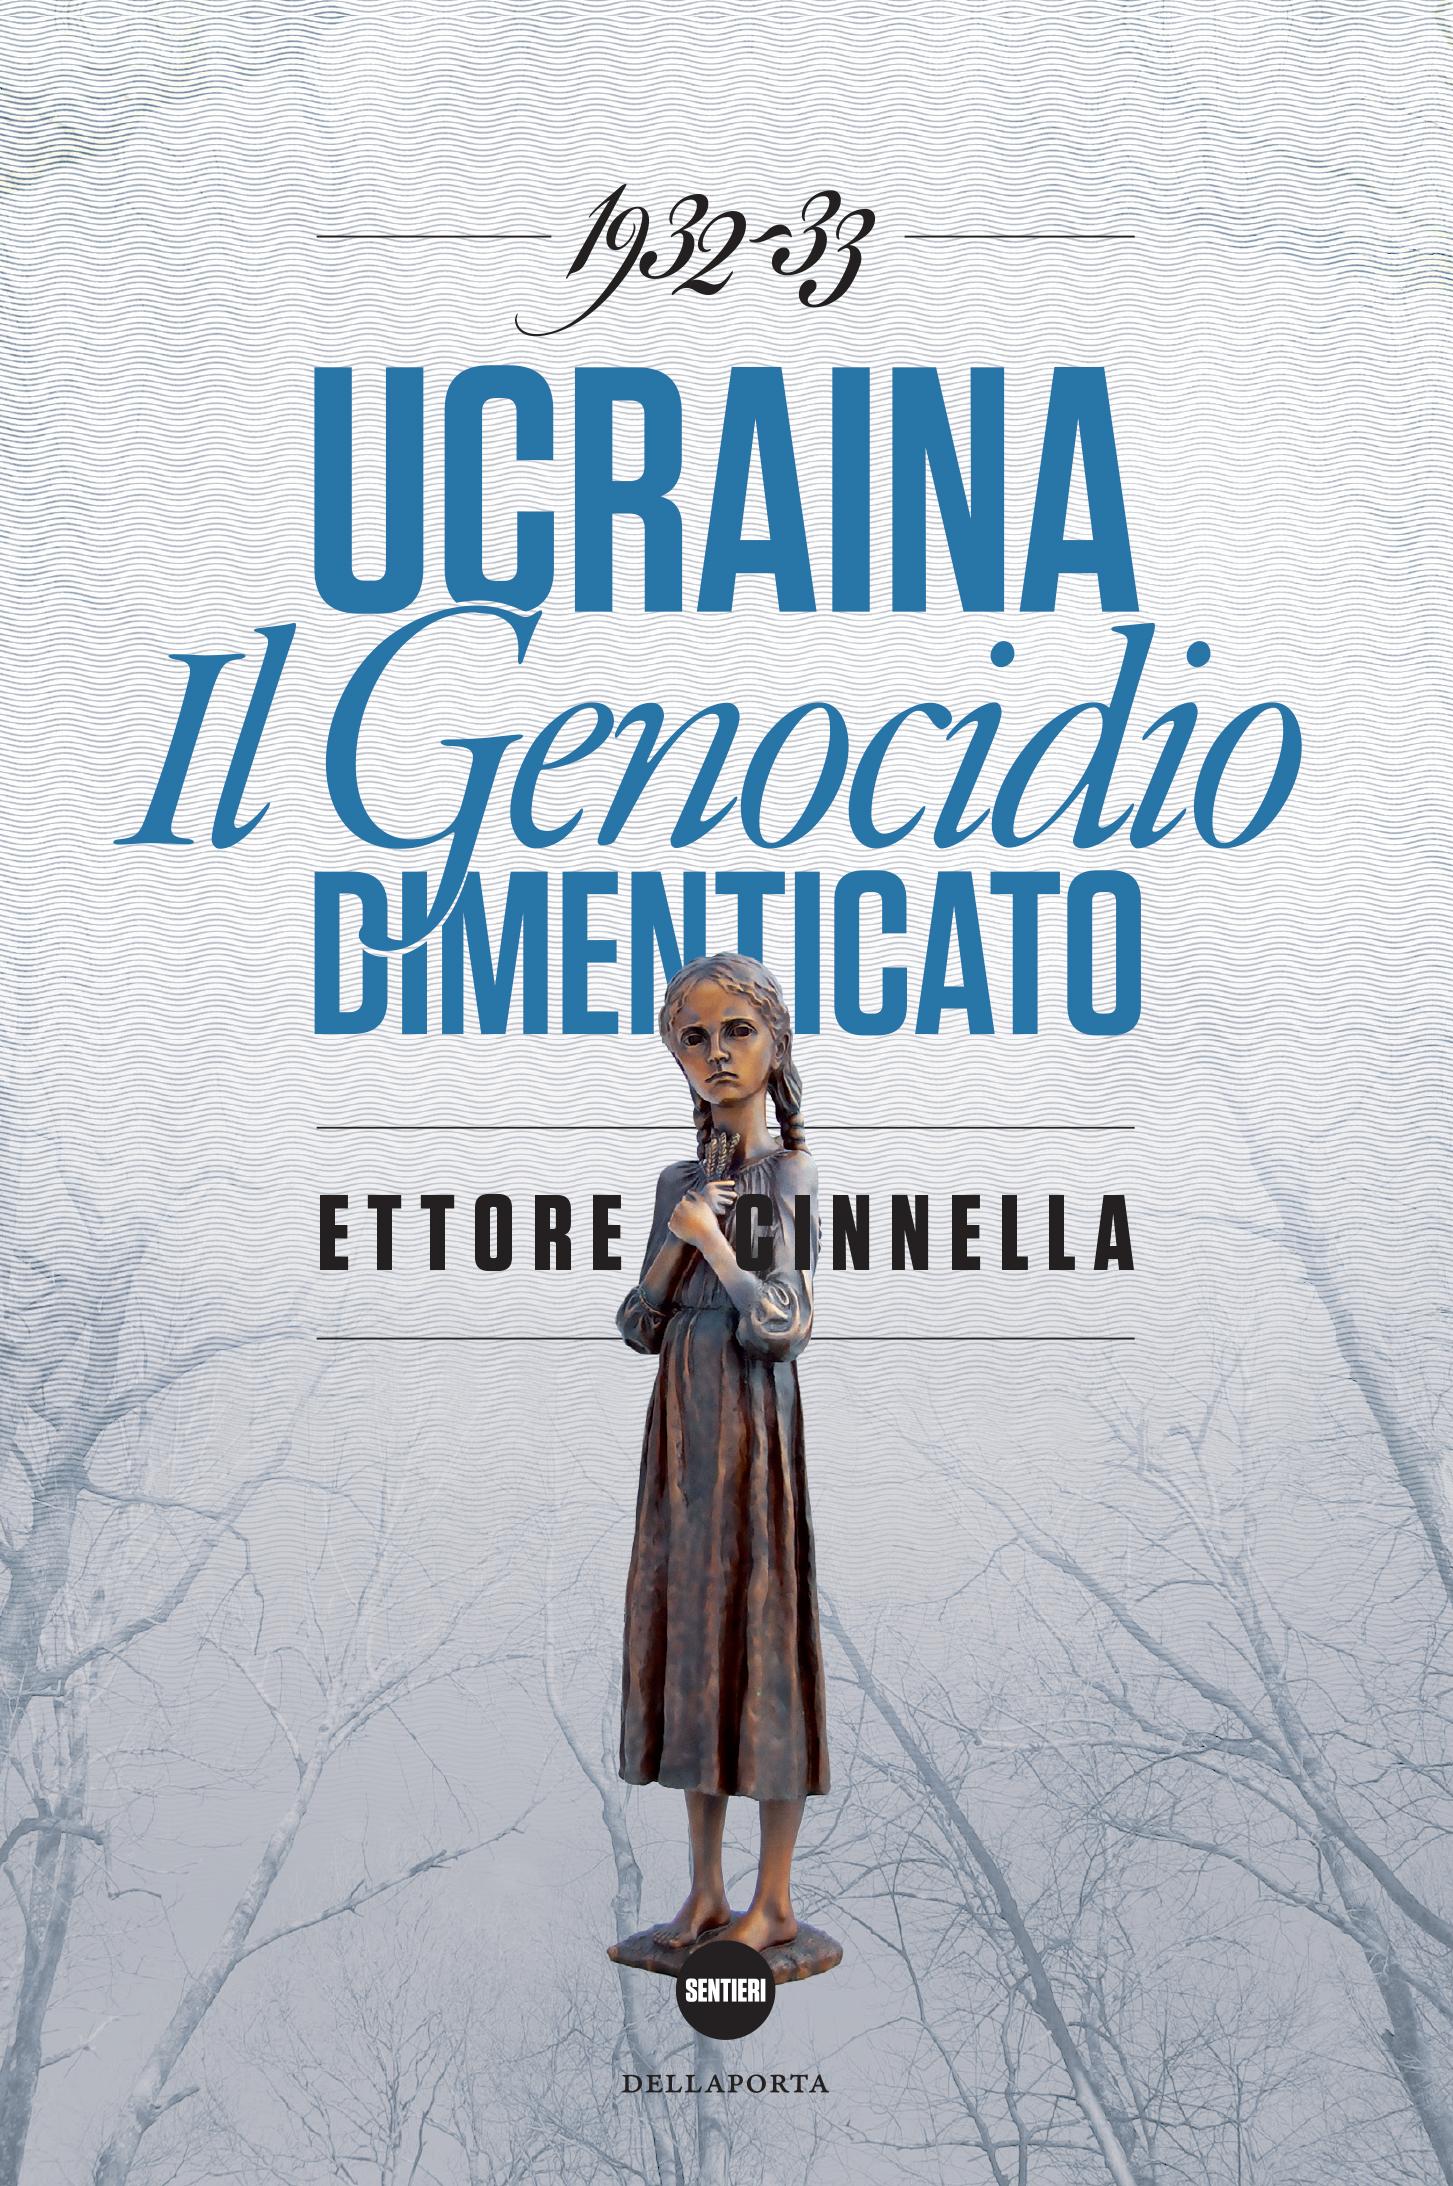 Ucraina_Ettore_Cinnella